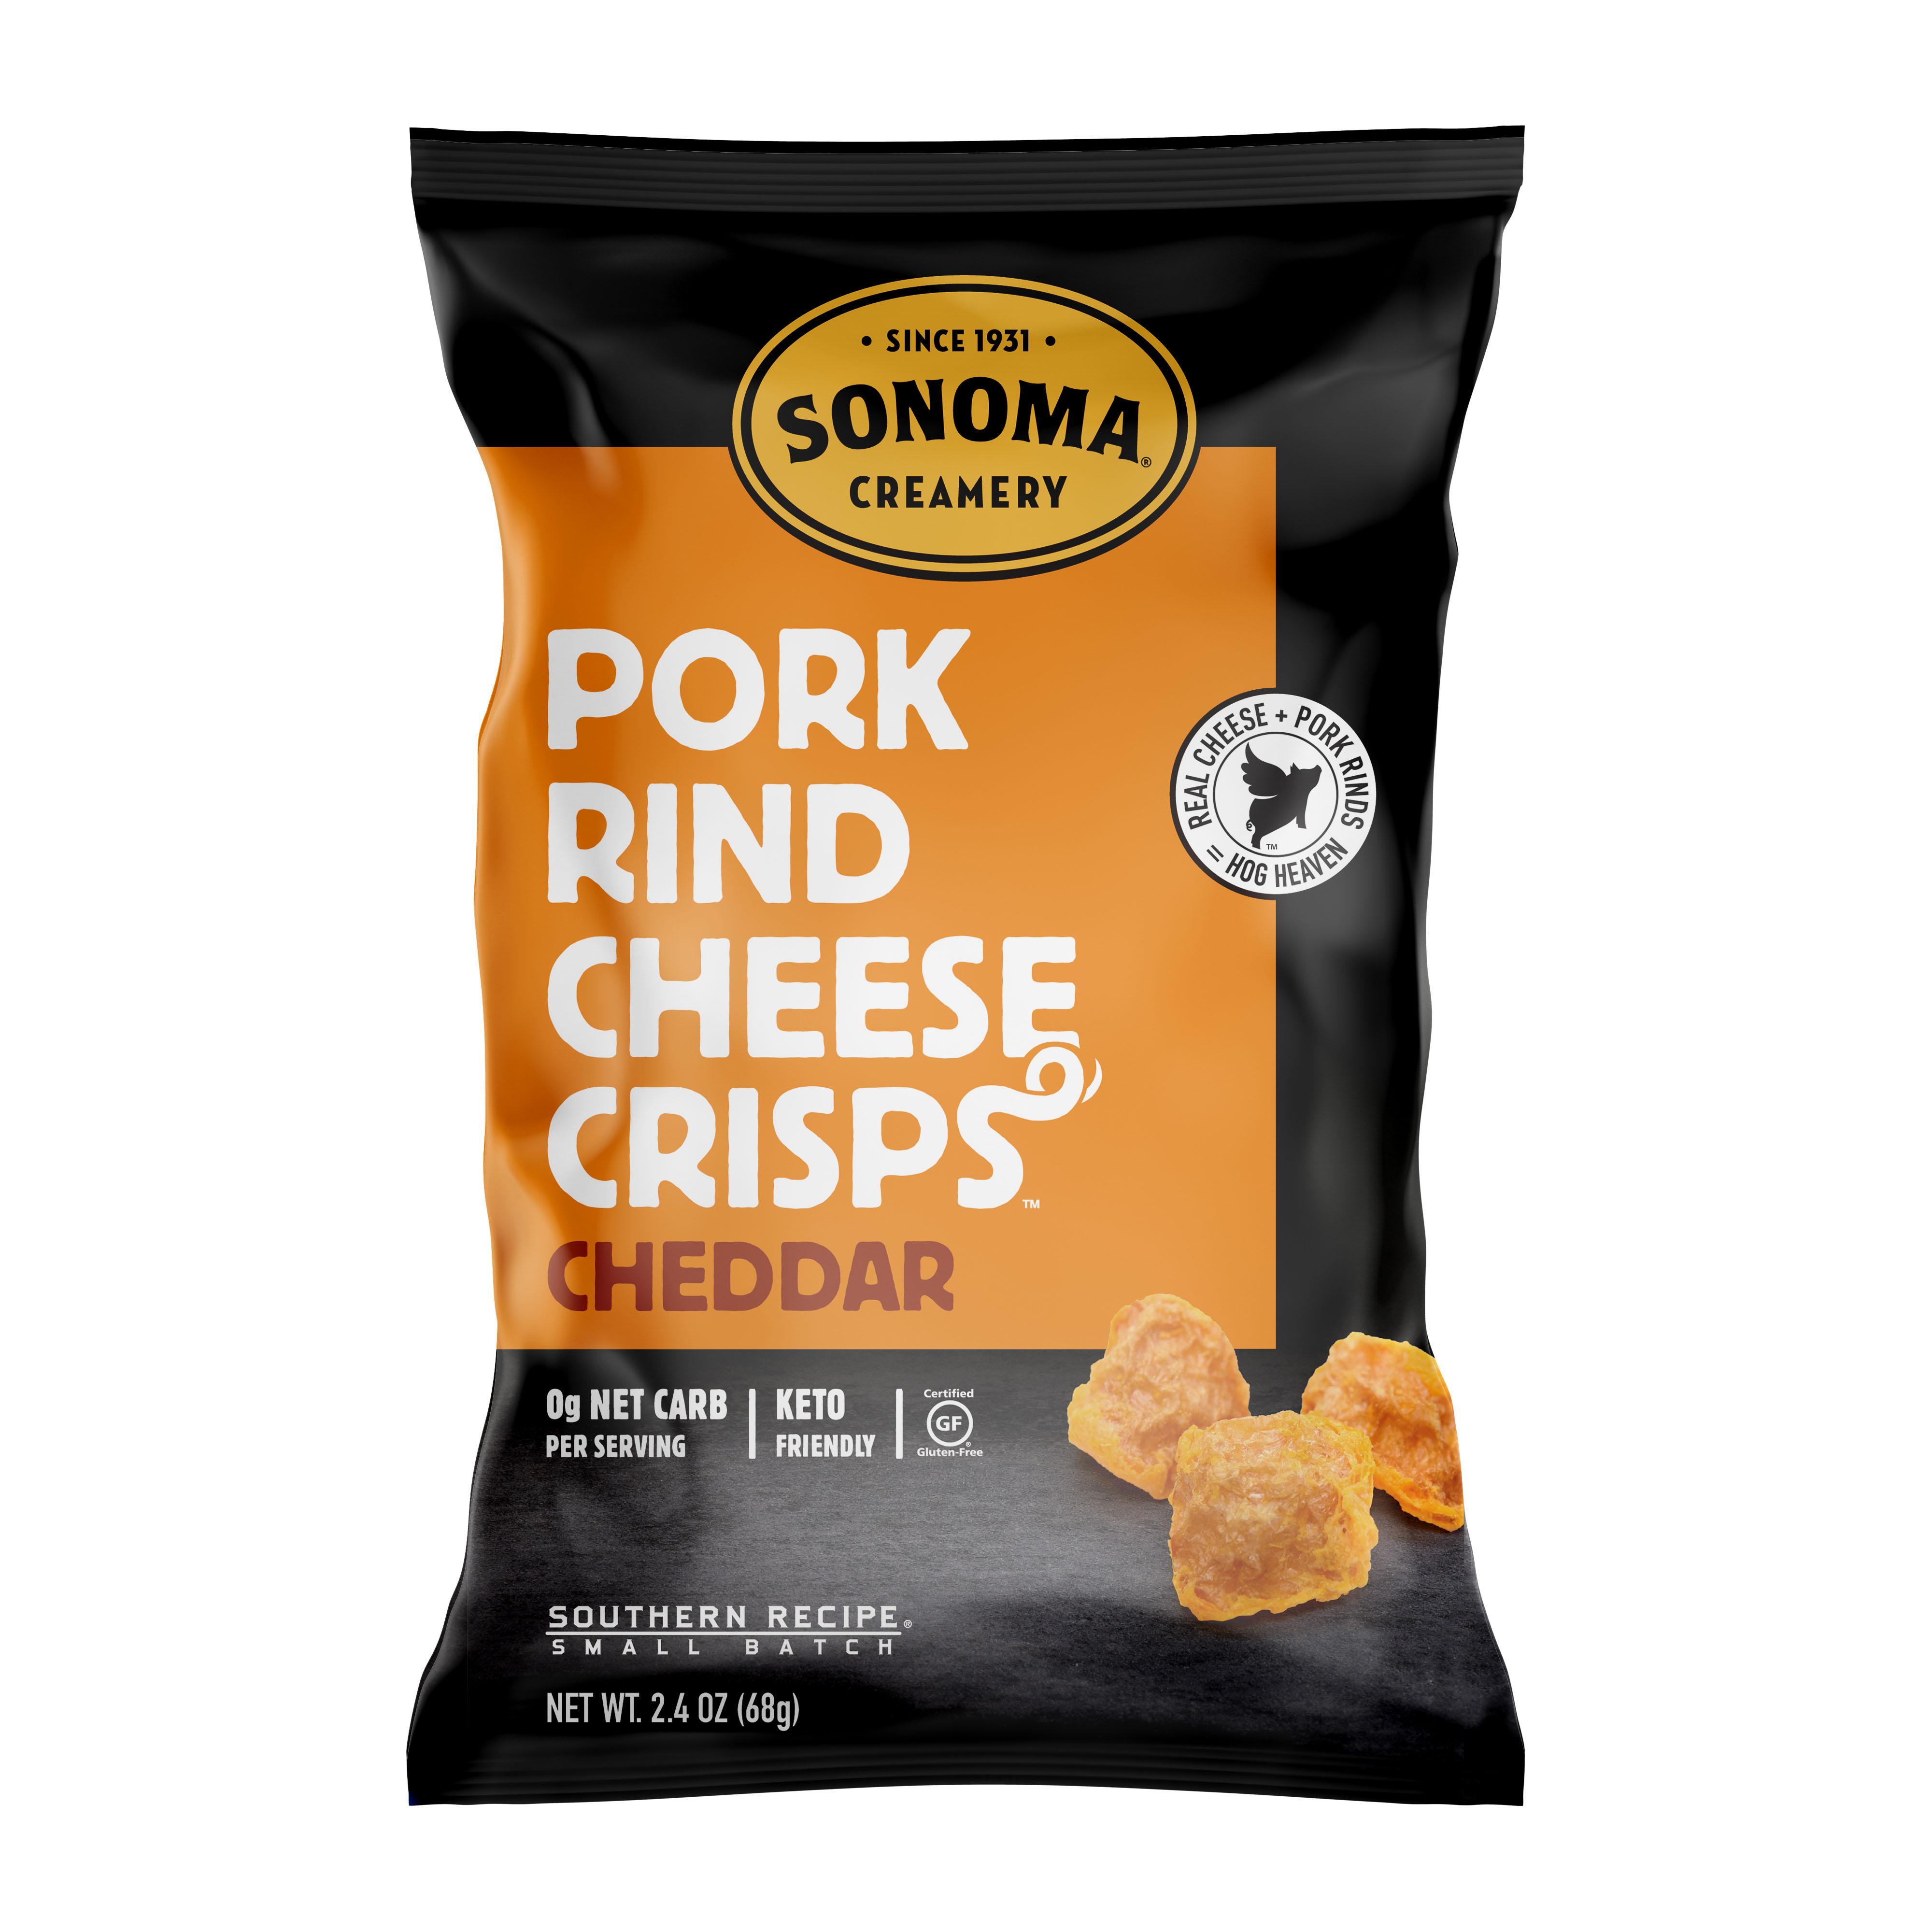 Pork Rind Cheese Crisps/Cheddar